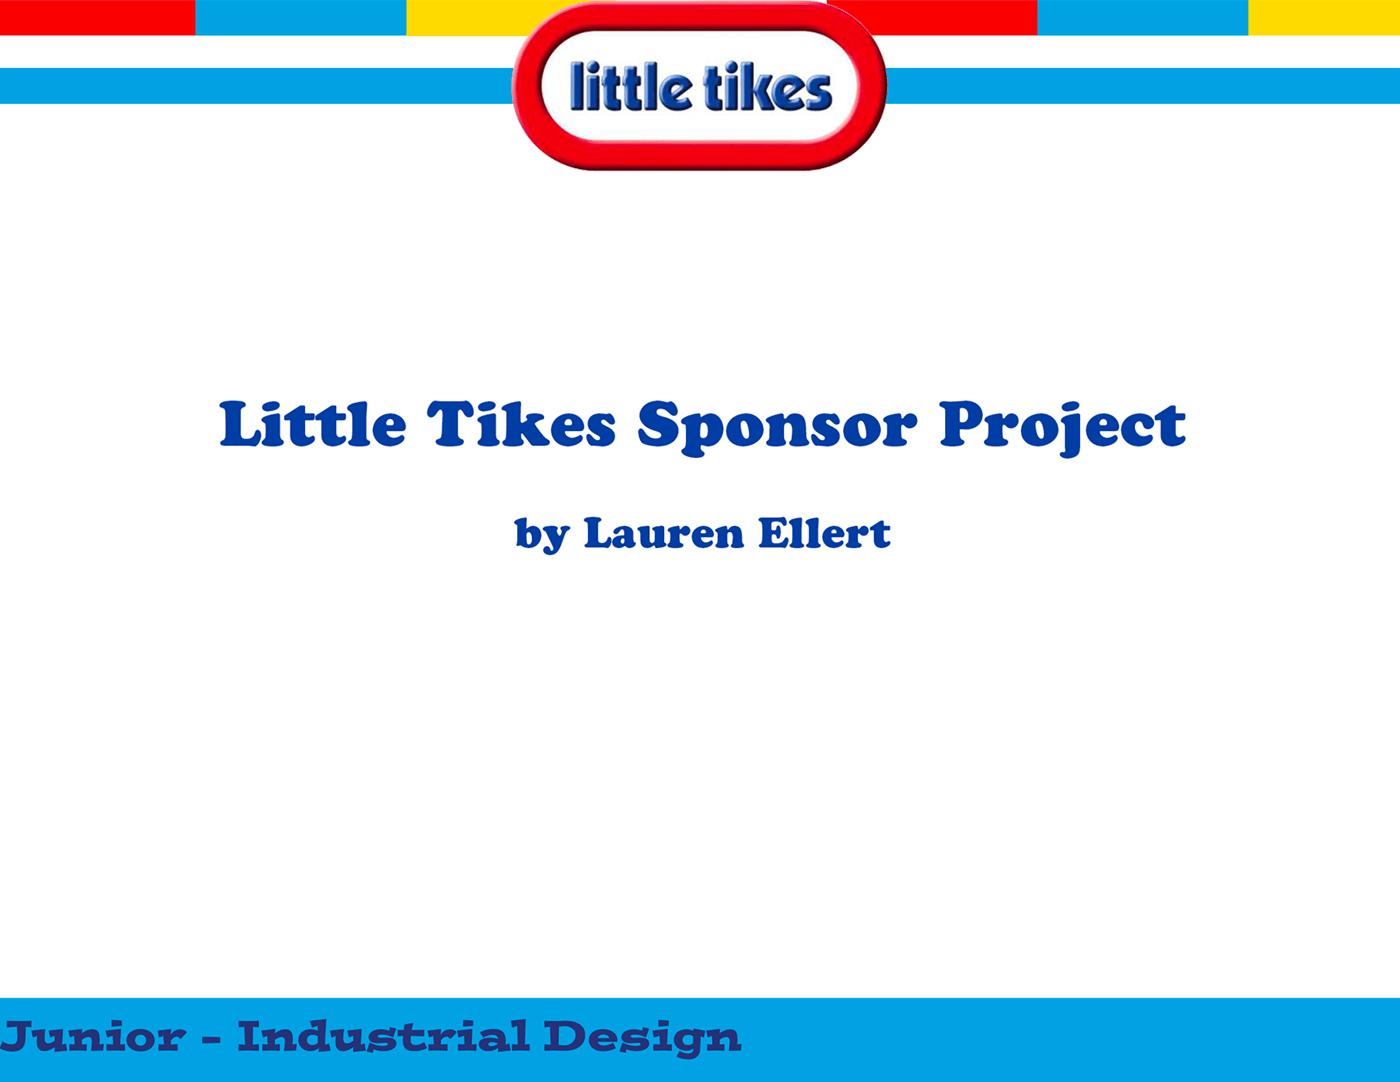 toy toydesign cute little tikes design industrialdesign